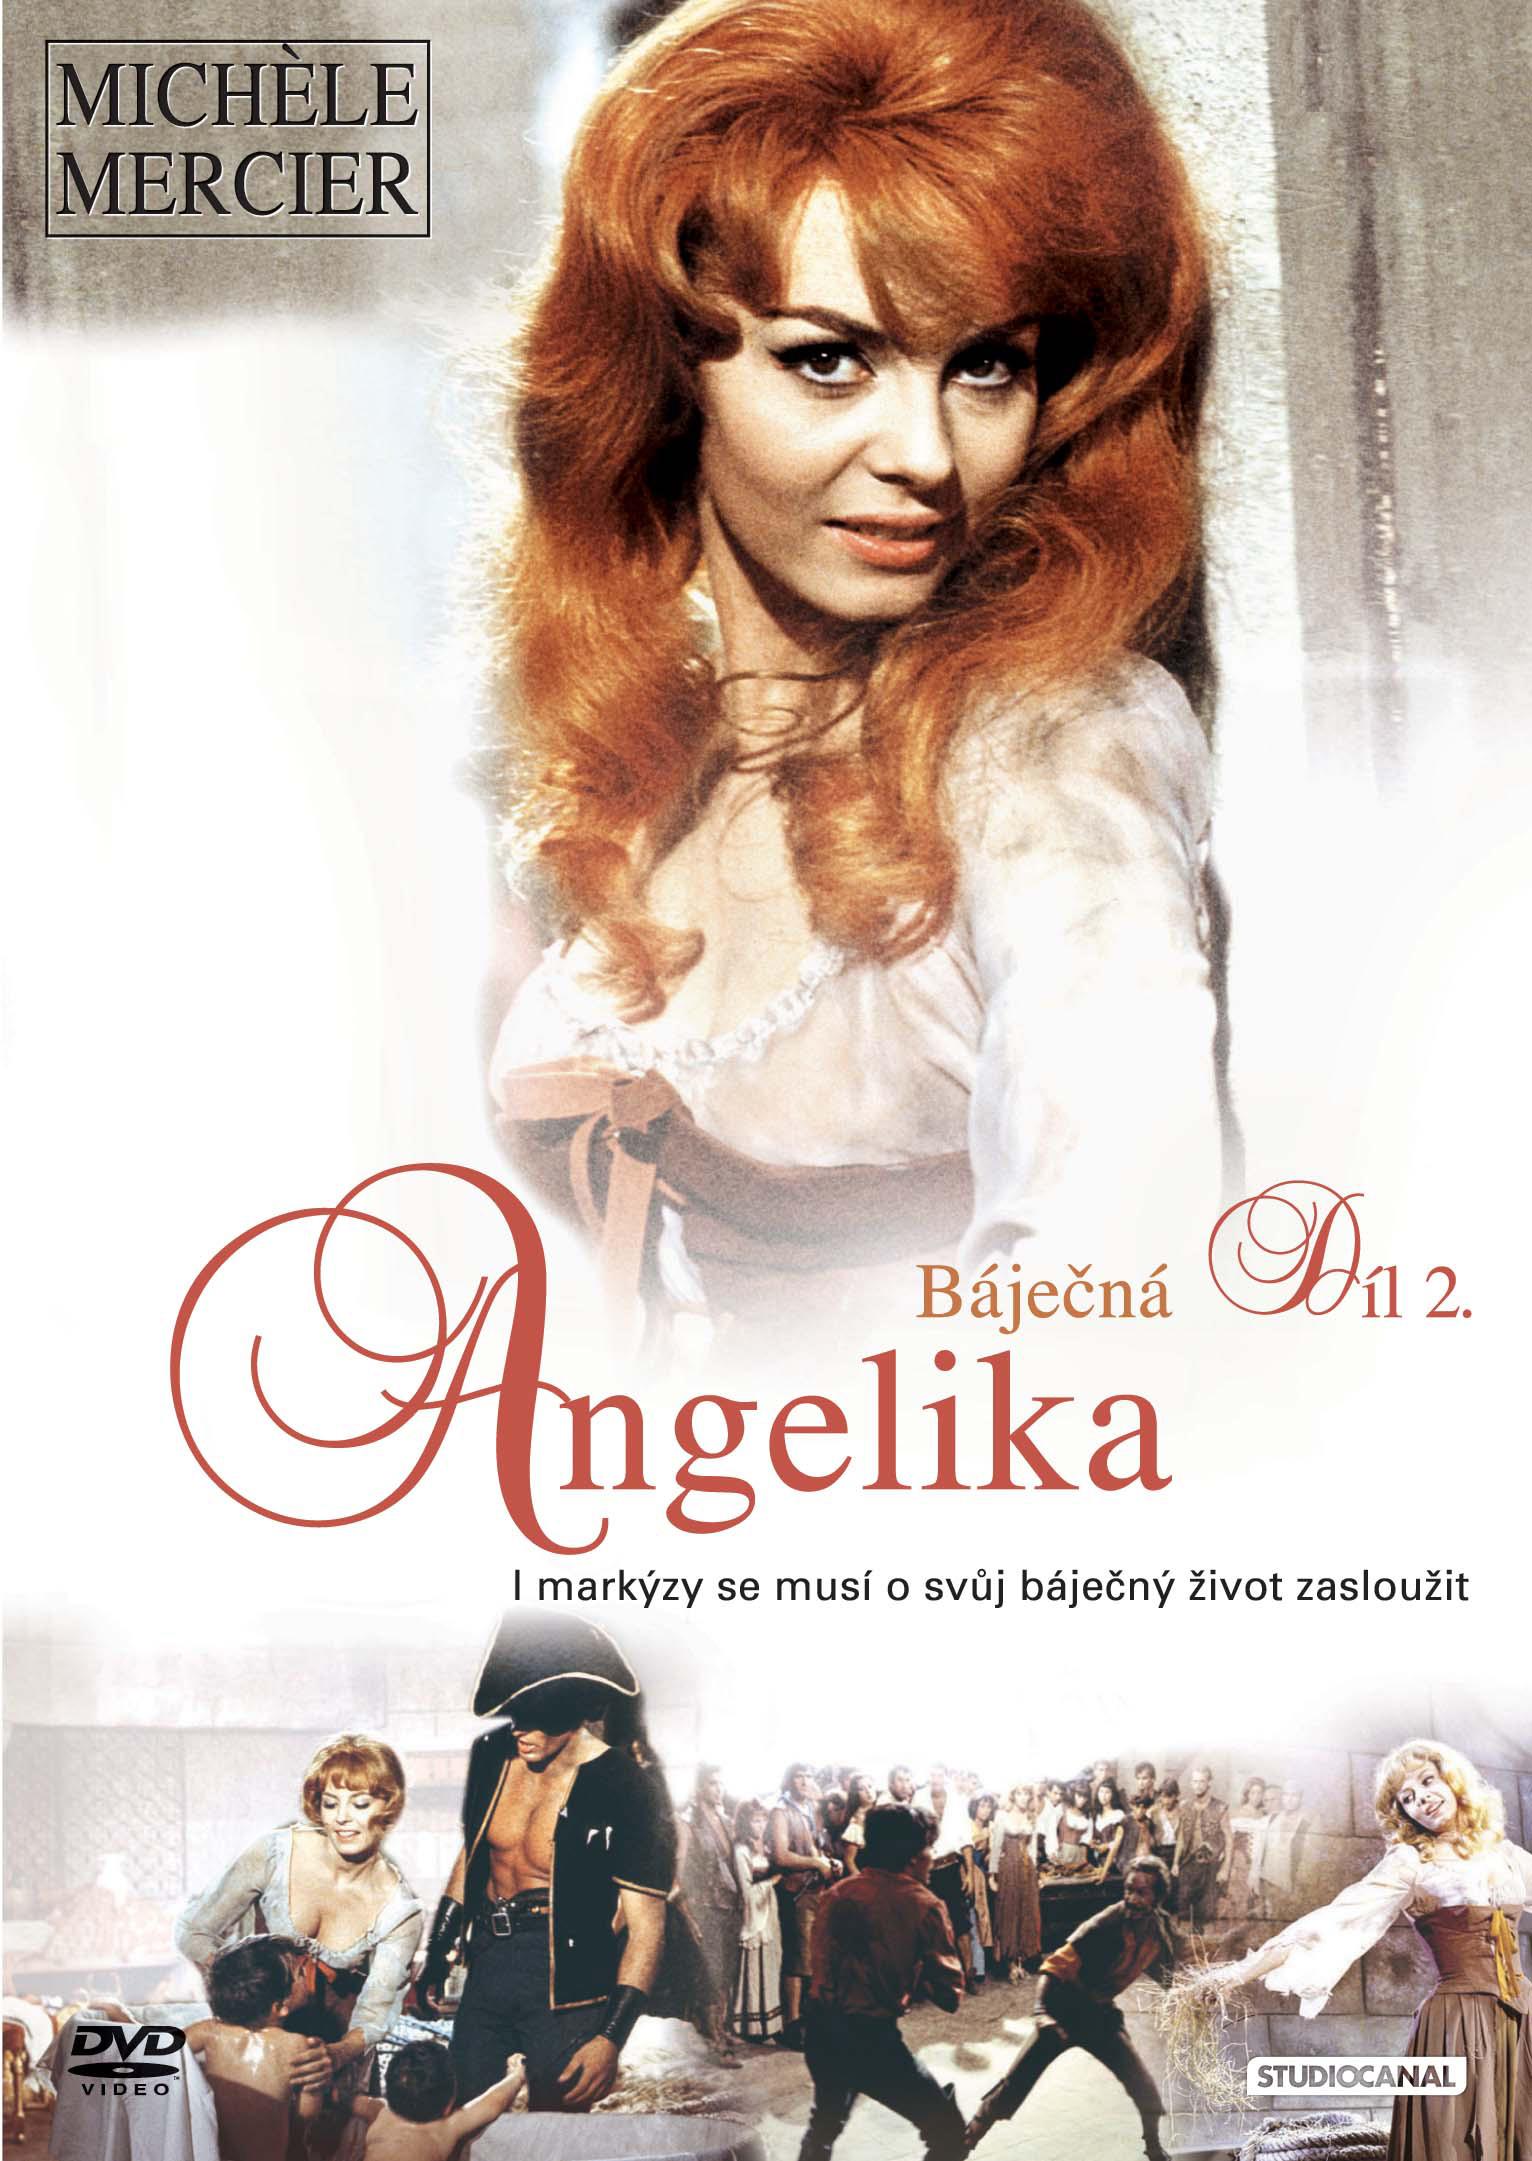 Film Báječná Angelika ke stažení - Film Báječná Angelika download